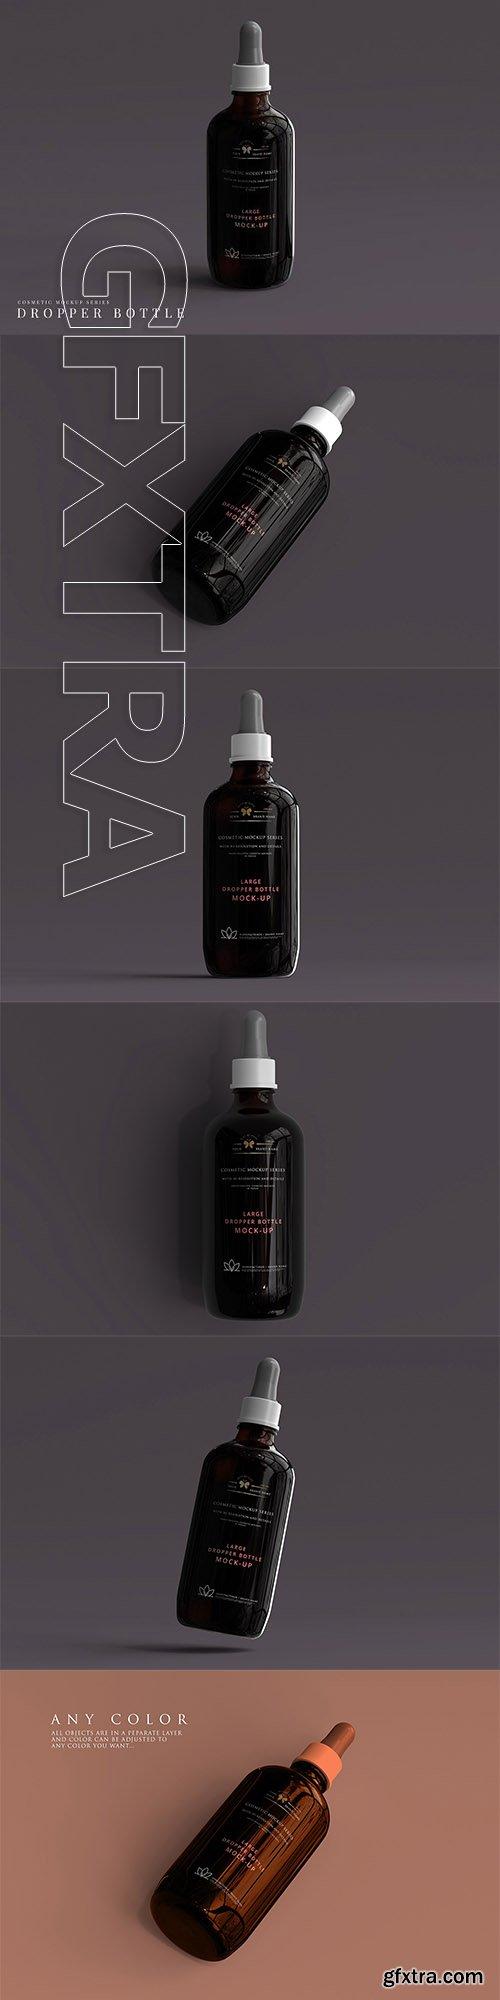 CreativeMarket - Large Dropper Bottle Mockup 3066137